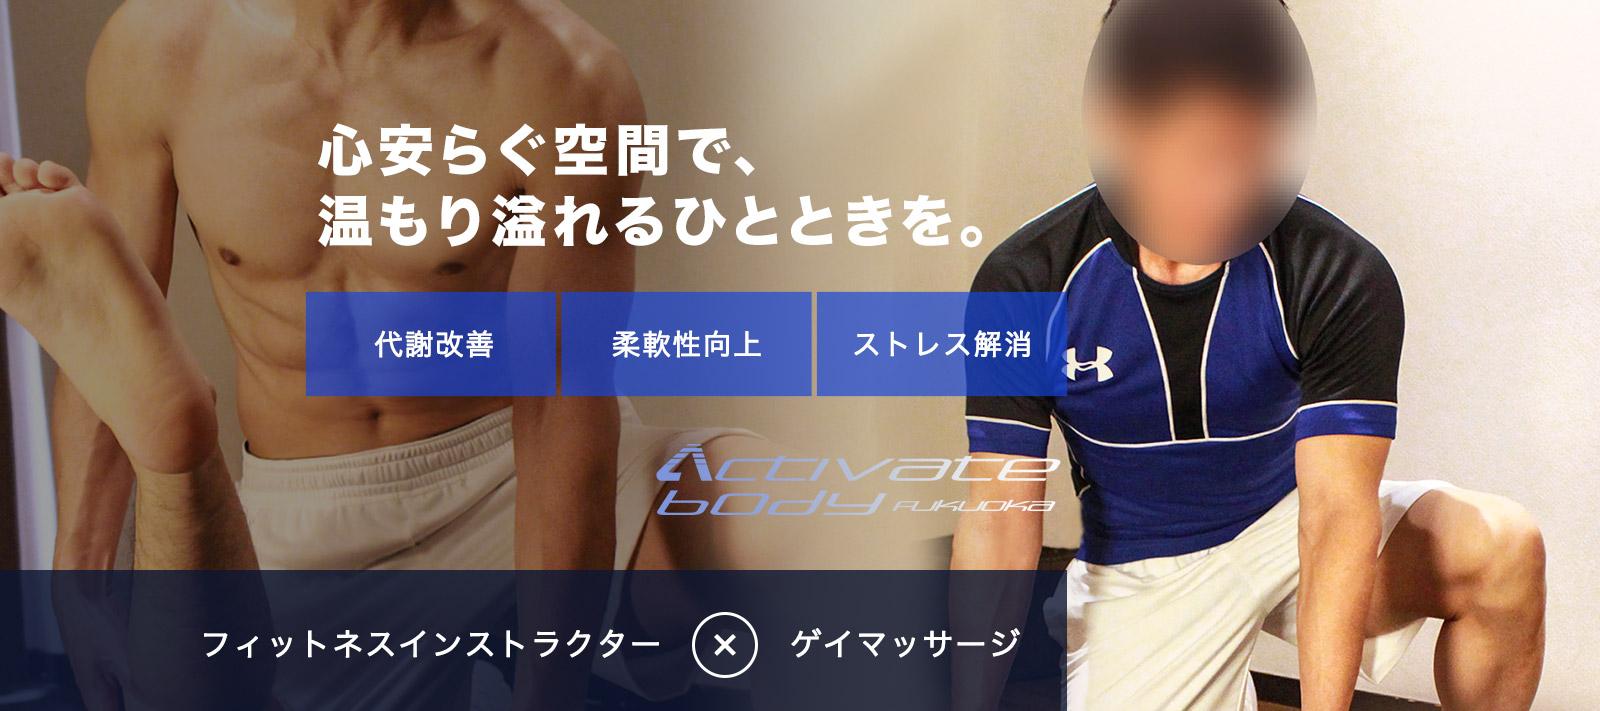 福岡ゲイマッサージ専門店ACTIVATE BODY FUKUOKAはこちら